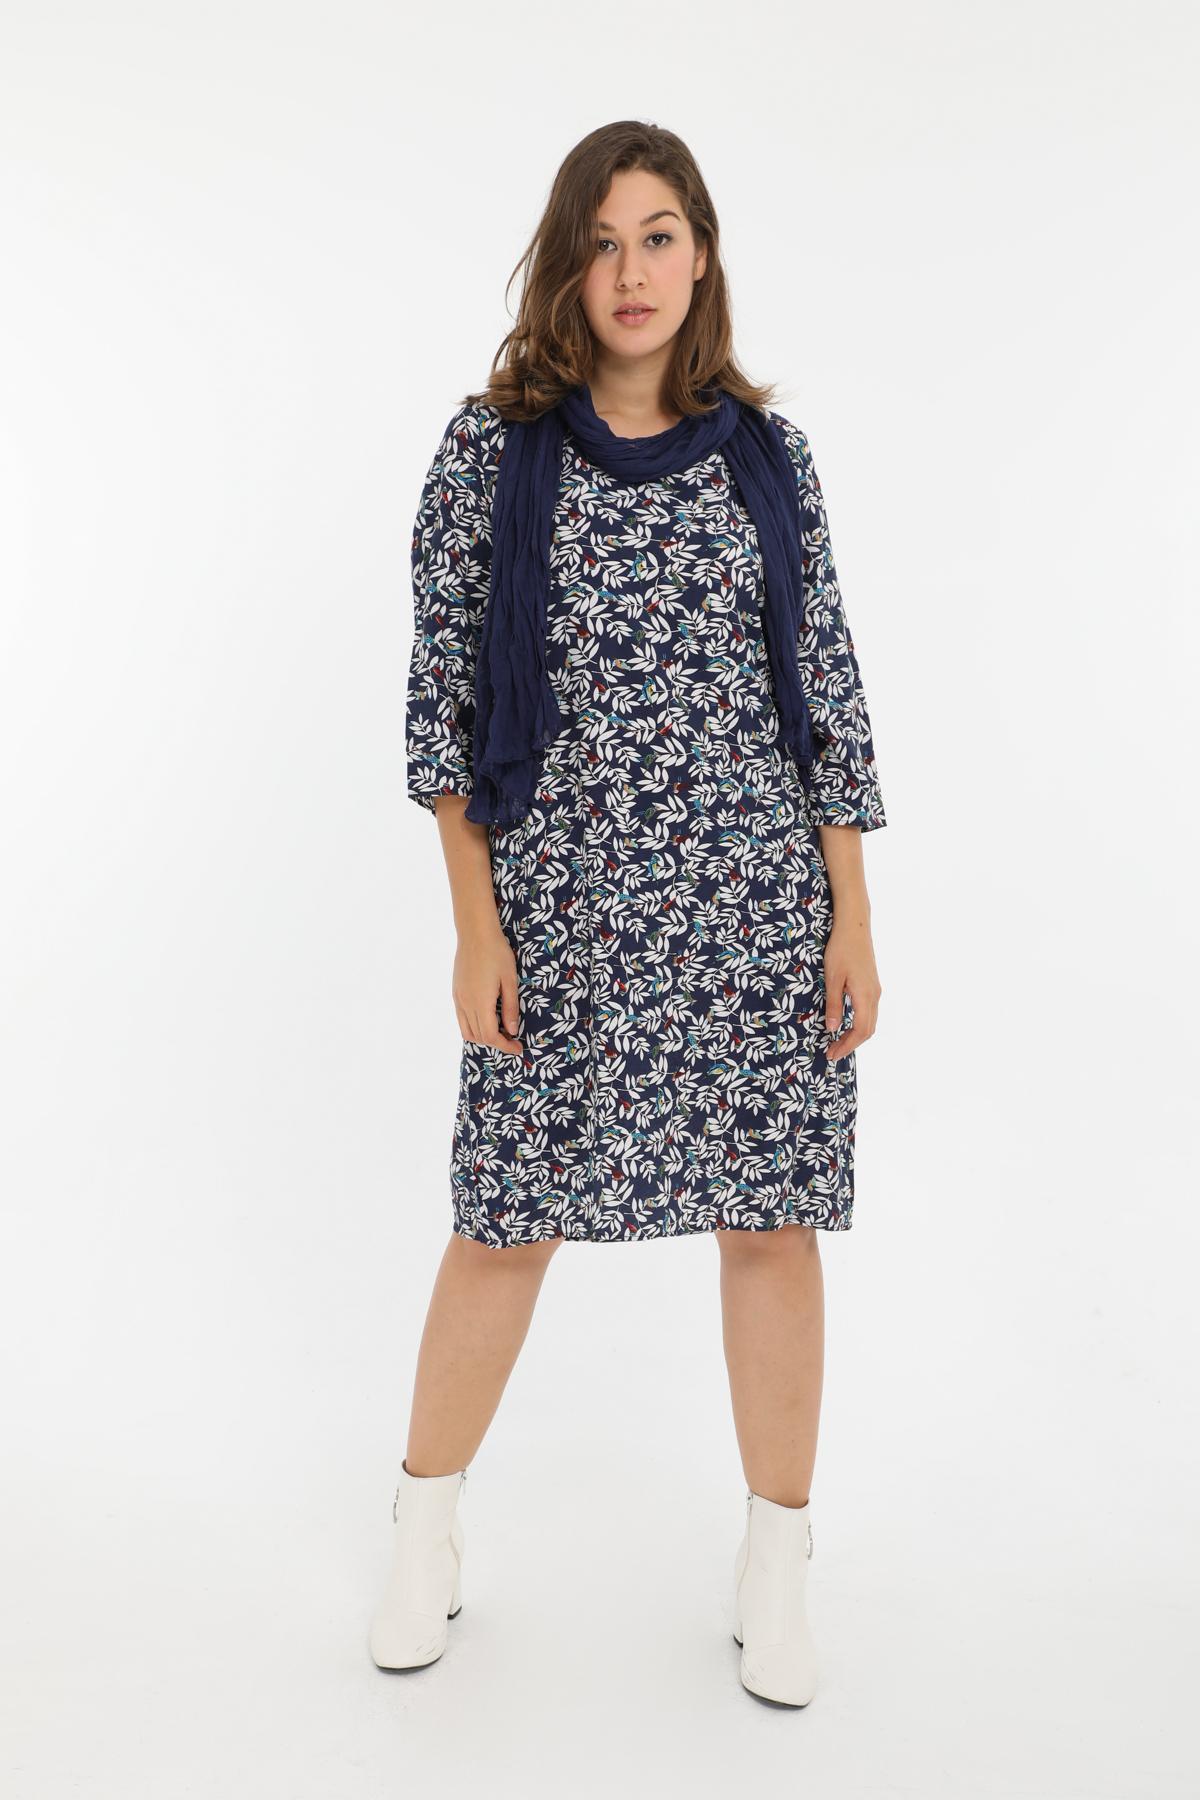 Robes & Combinaisons Femme Bleu For Her Paris (SHINIE) J2996-2GT #c eFashion Paris